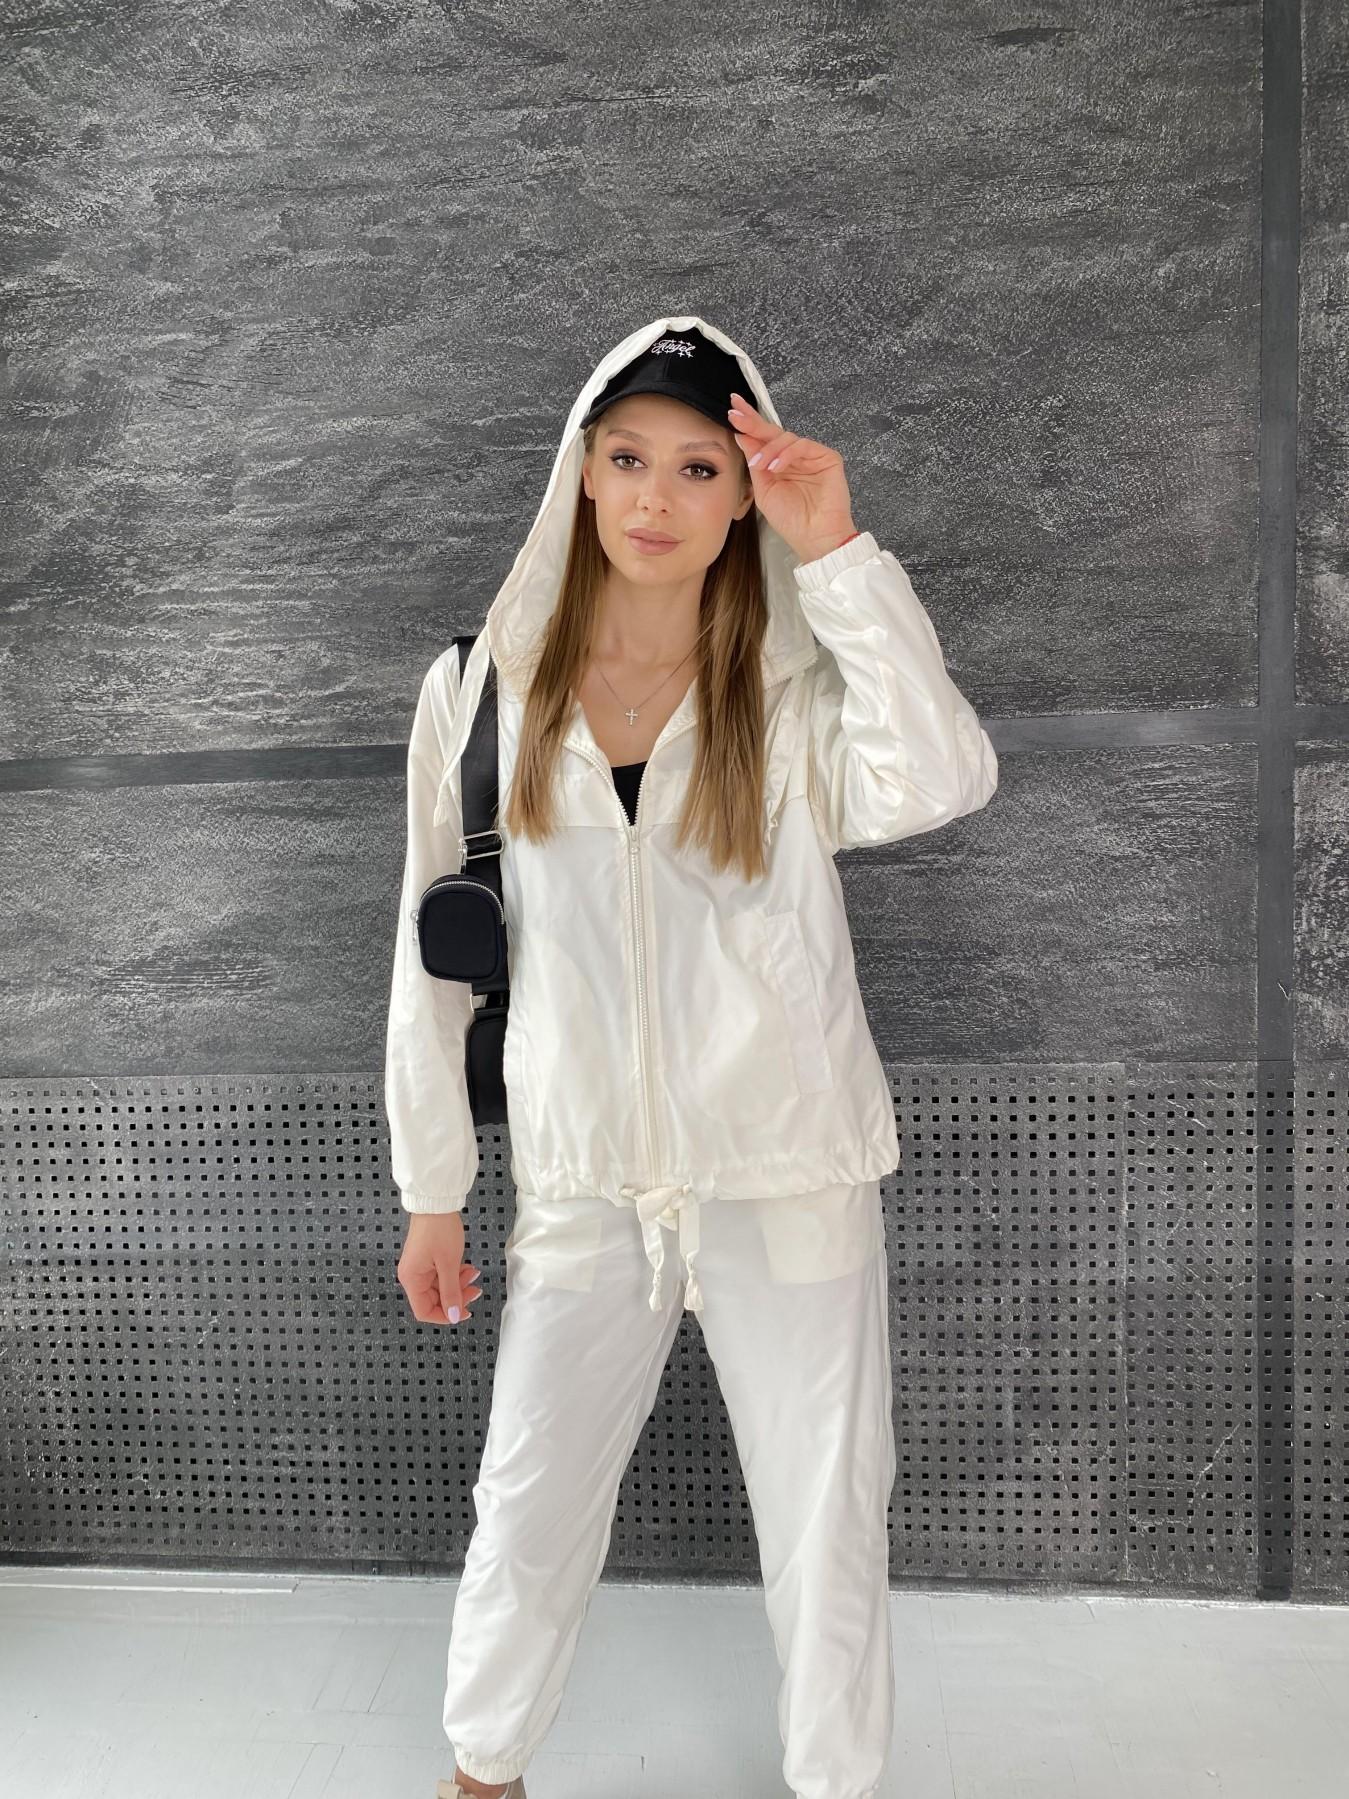 Фит костюм из плащевой ткани 11048 АРТ. 47533 Цвет: Молоко - фото 12, интернет магазин tm-modus.ru